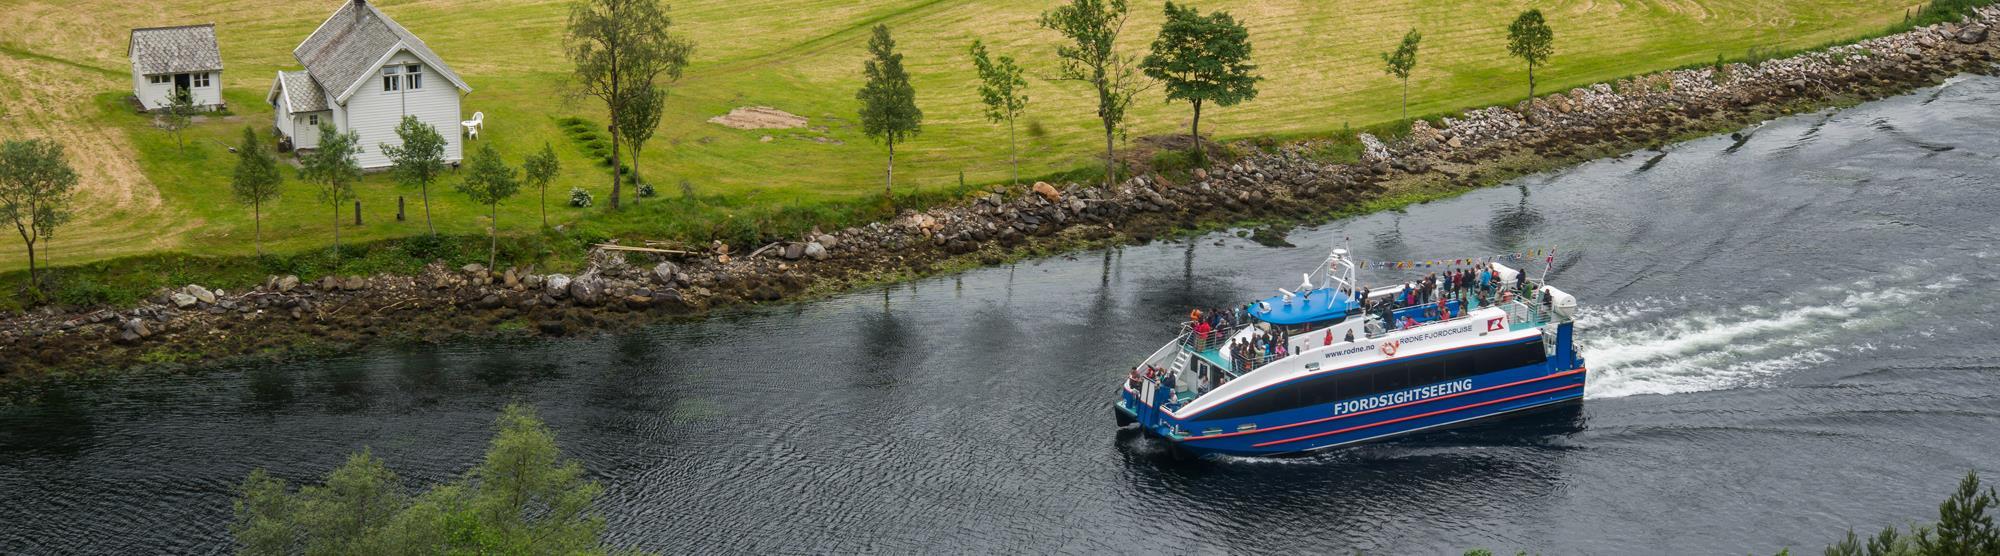 Kurze Schiffsausflüge und Halbtags-Fjordfahrten